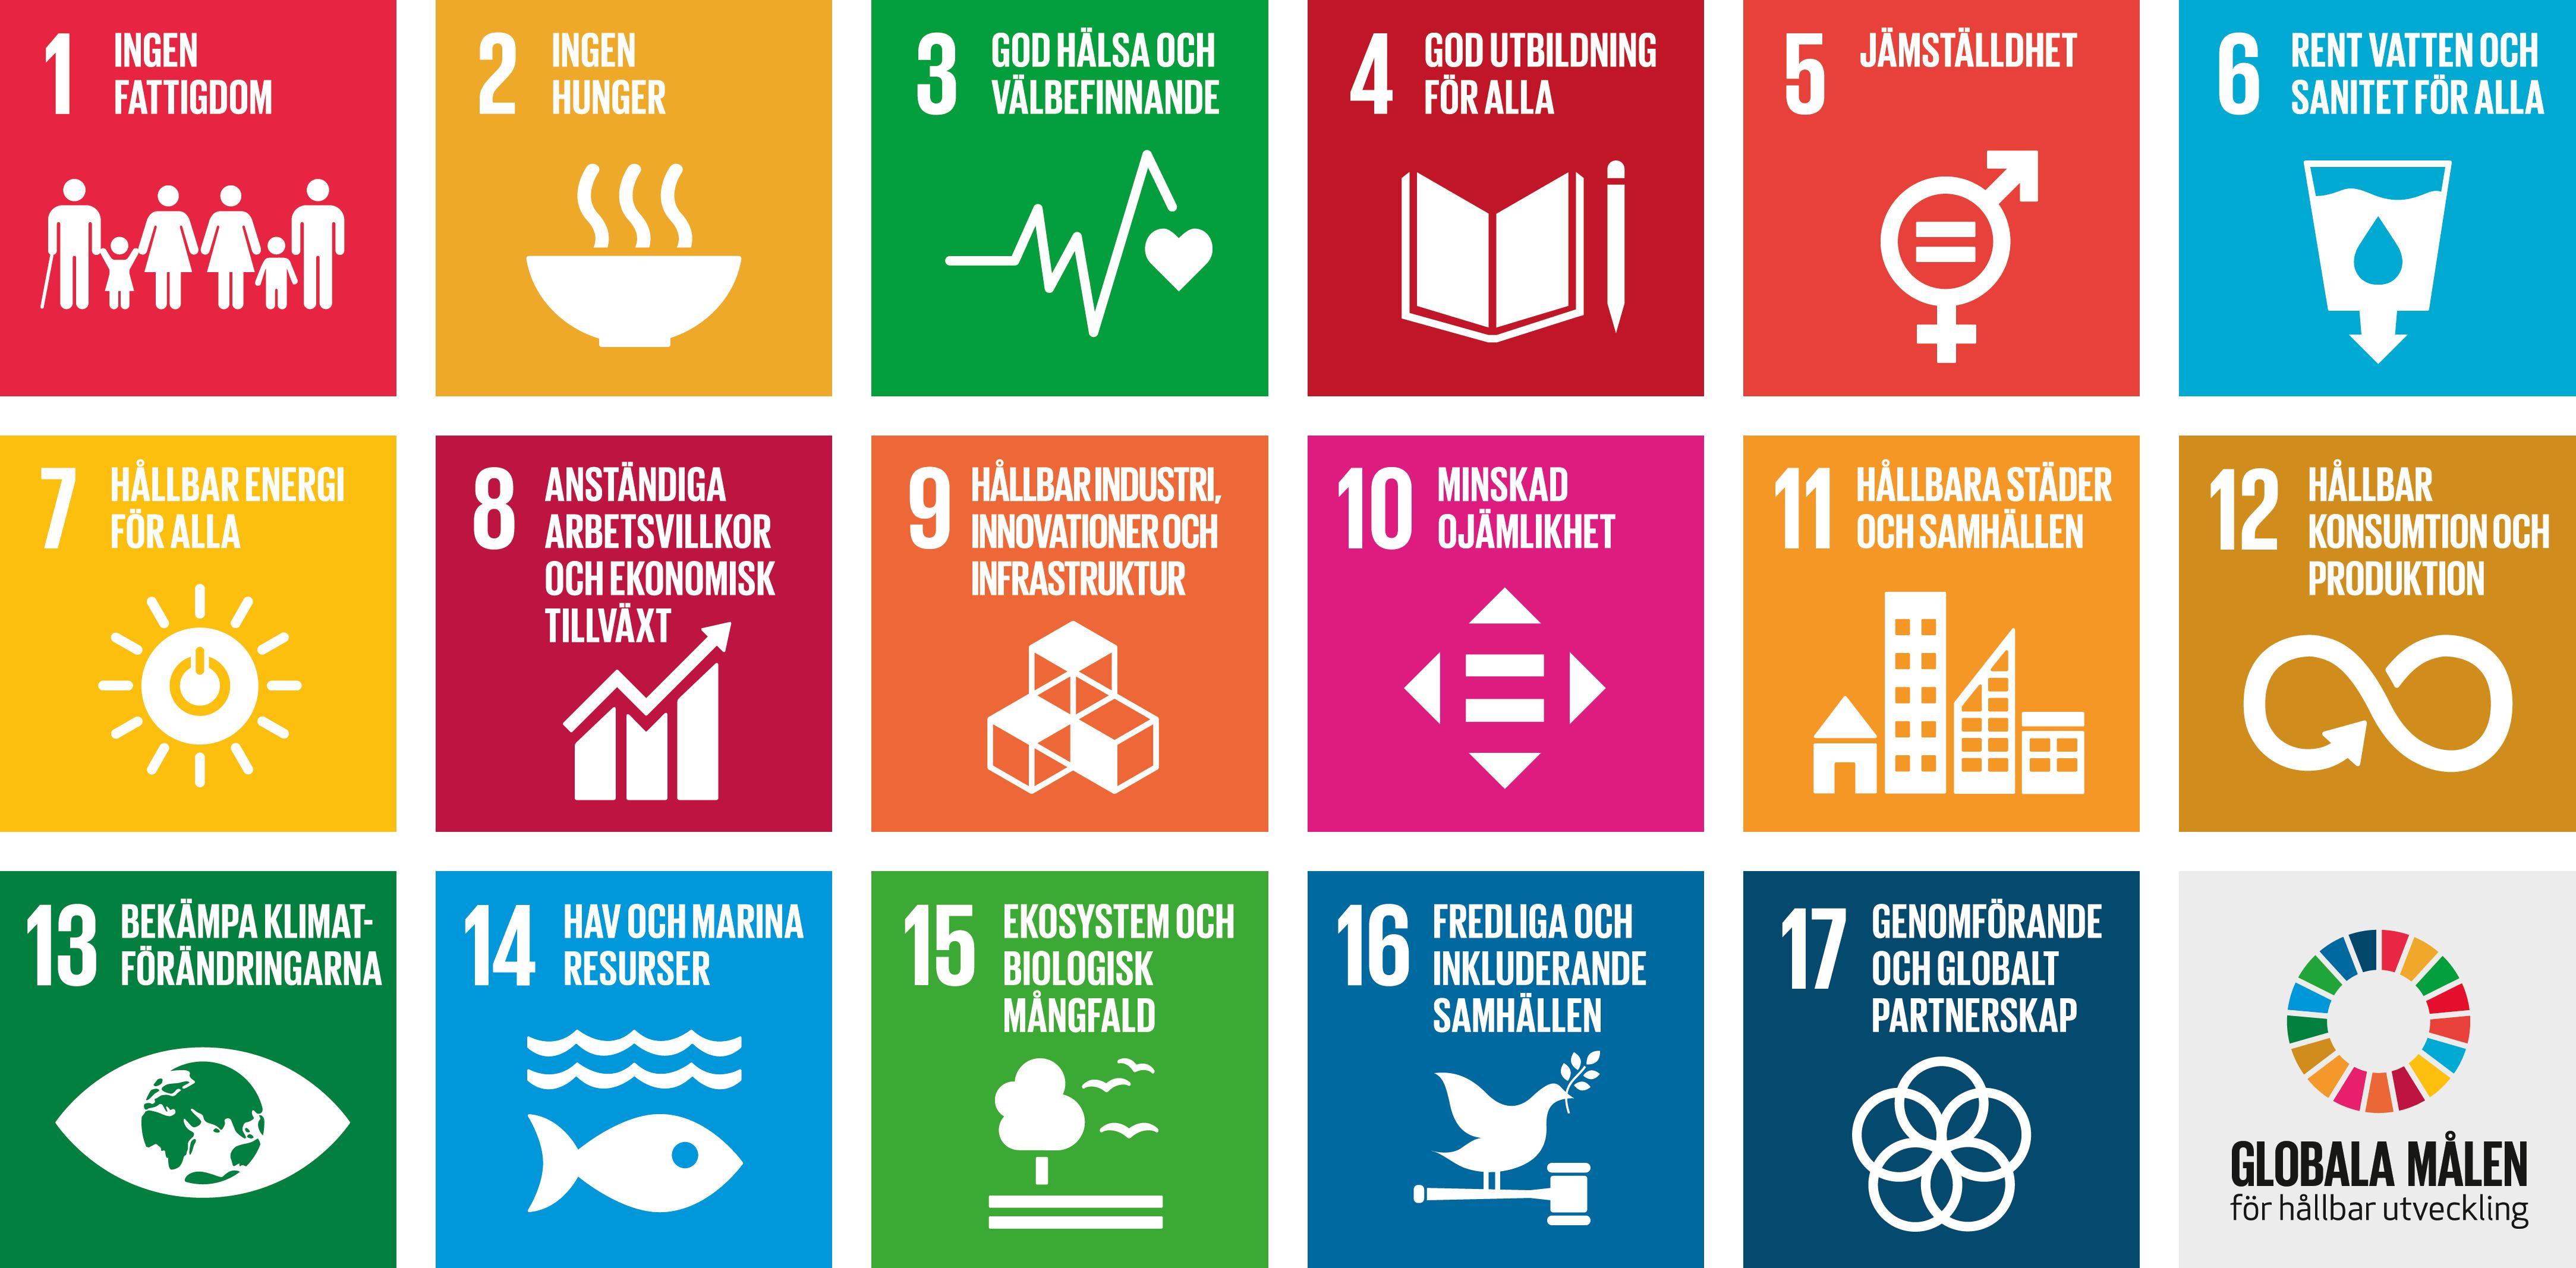 FN:s globala mål